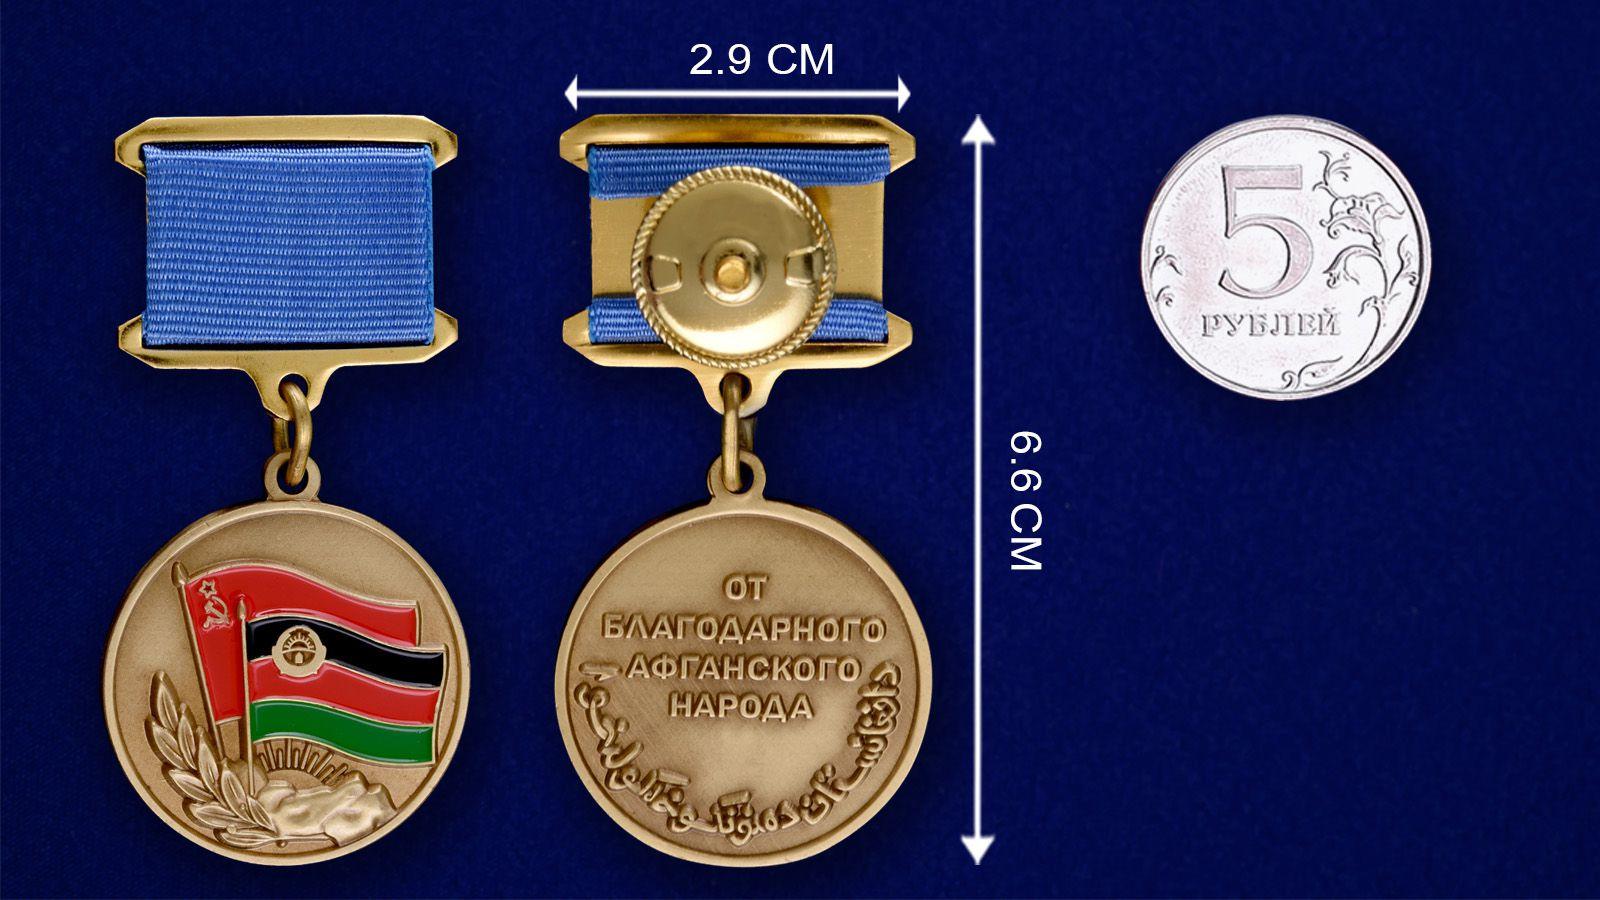 """Муляж медали """"Воину-интернационалисту от благодарного афганского народа"""" - сравнительный размер"""